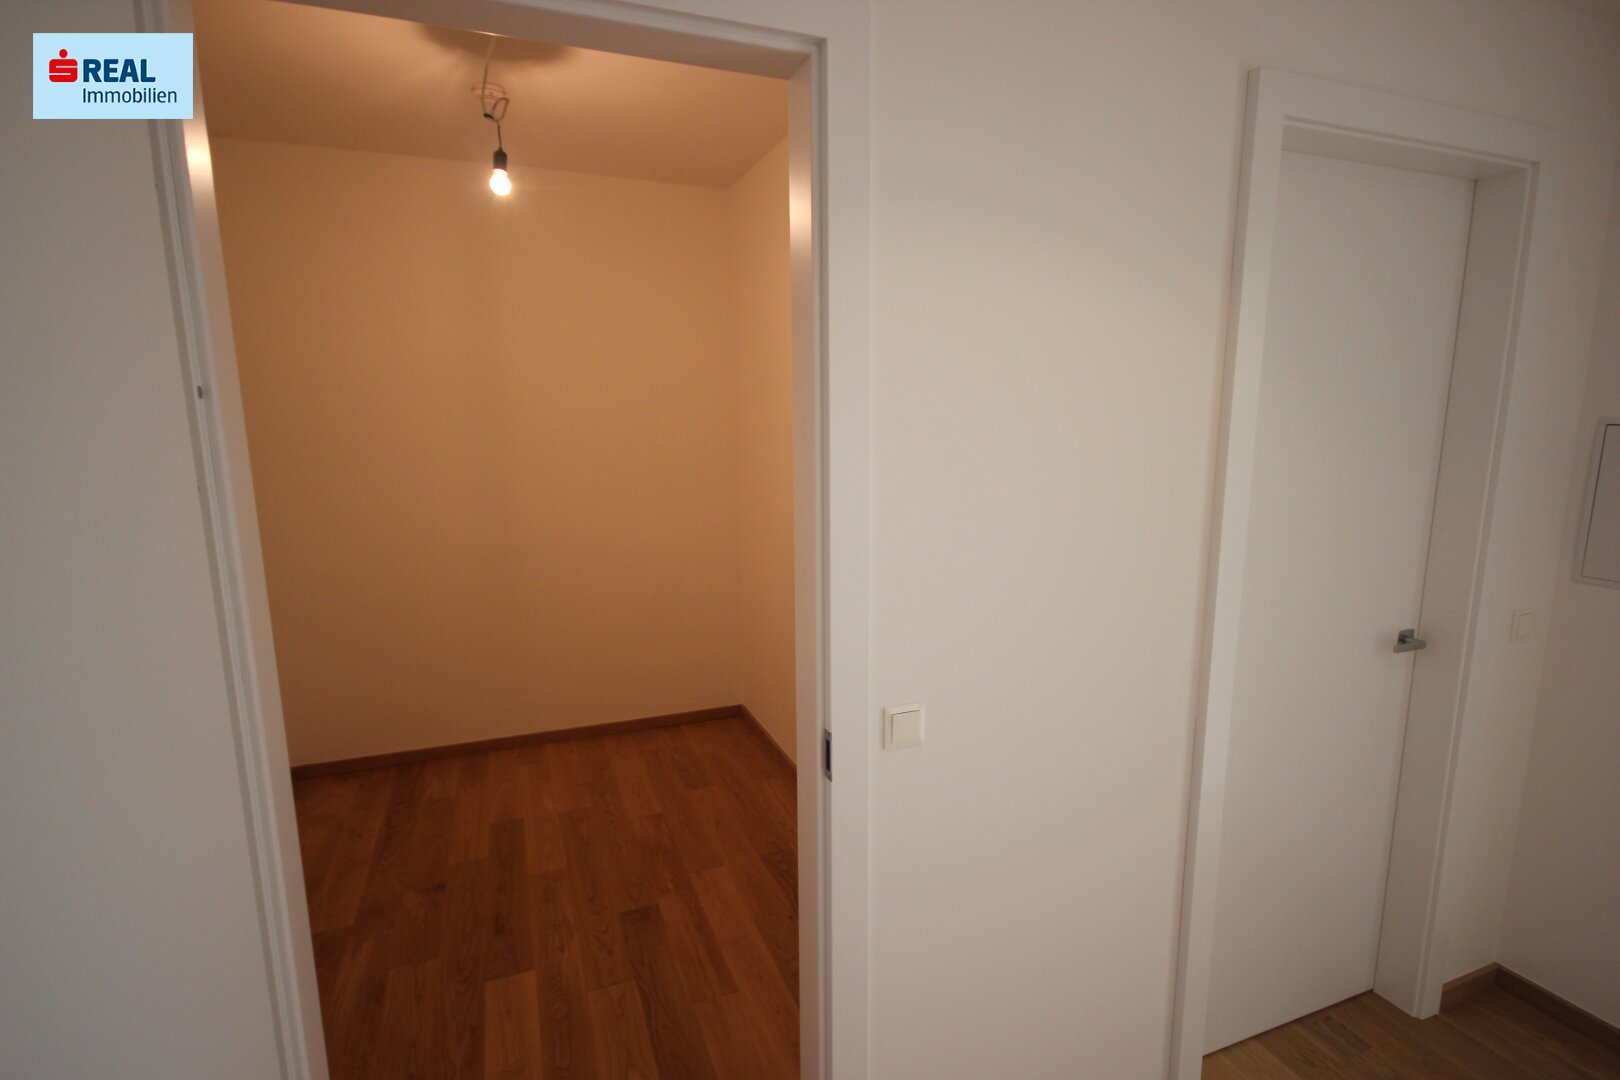 Garderobe-Abstellraum